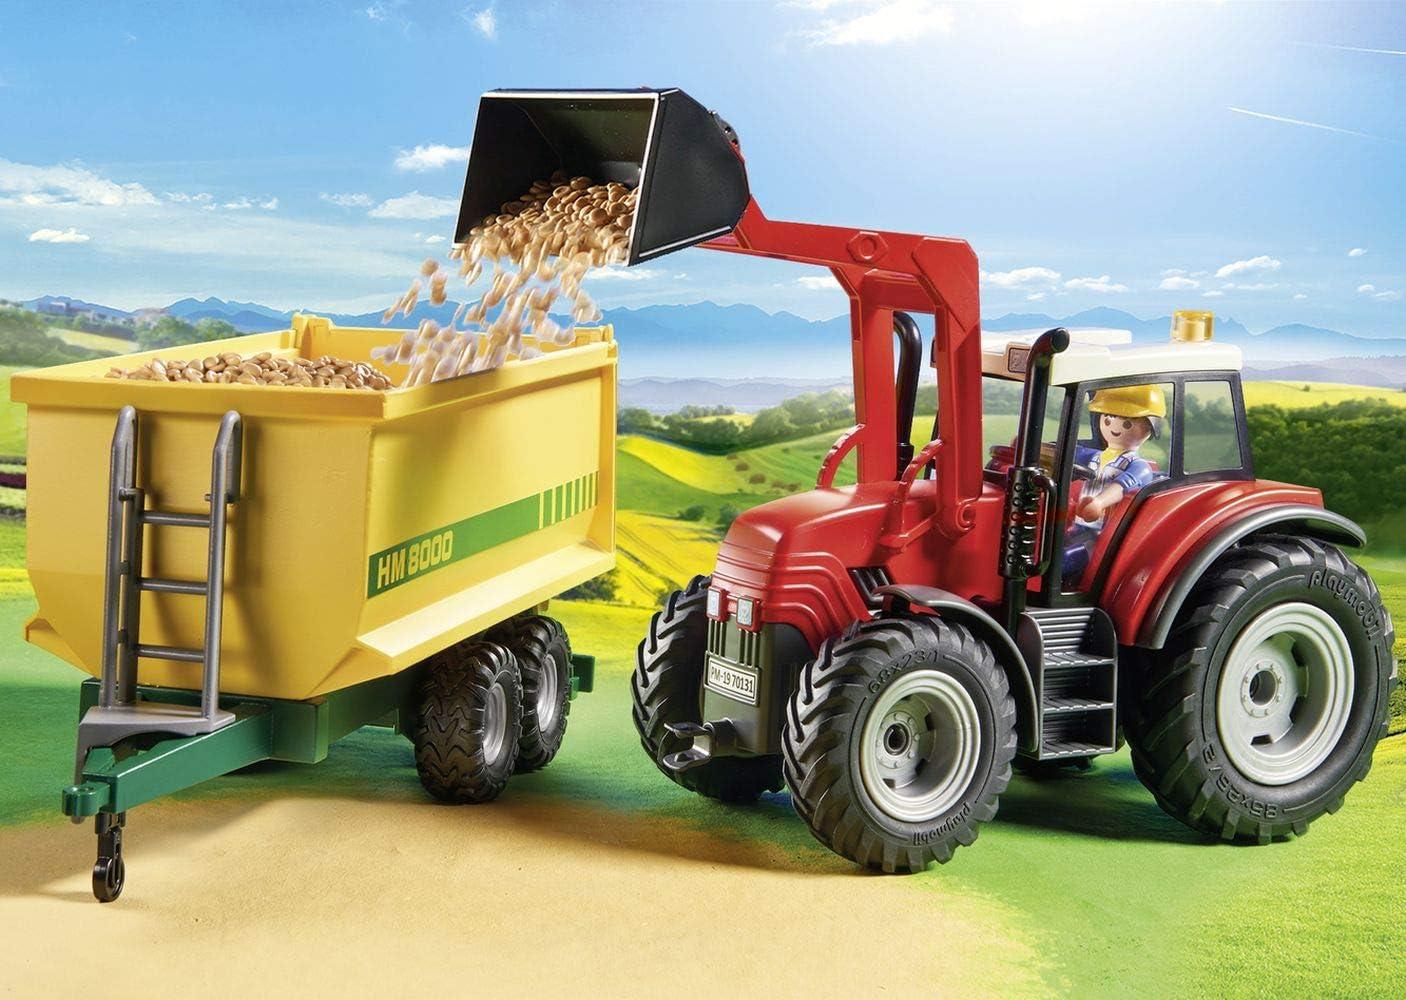 Deao 31 Pièce Portable ferme Play Set avec Ferme Tracteur Remorque Camions,